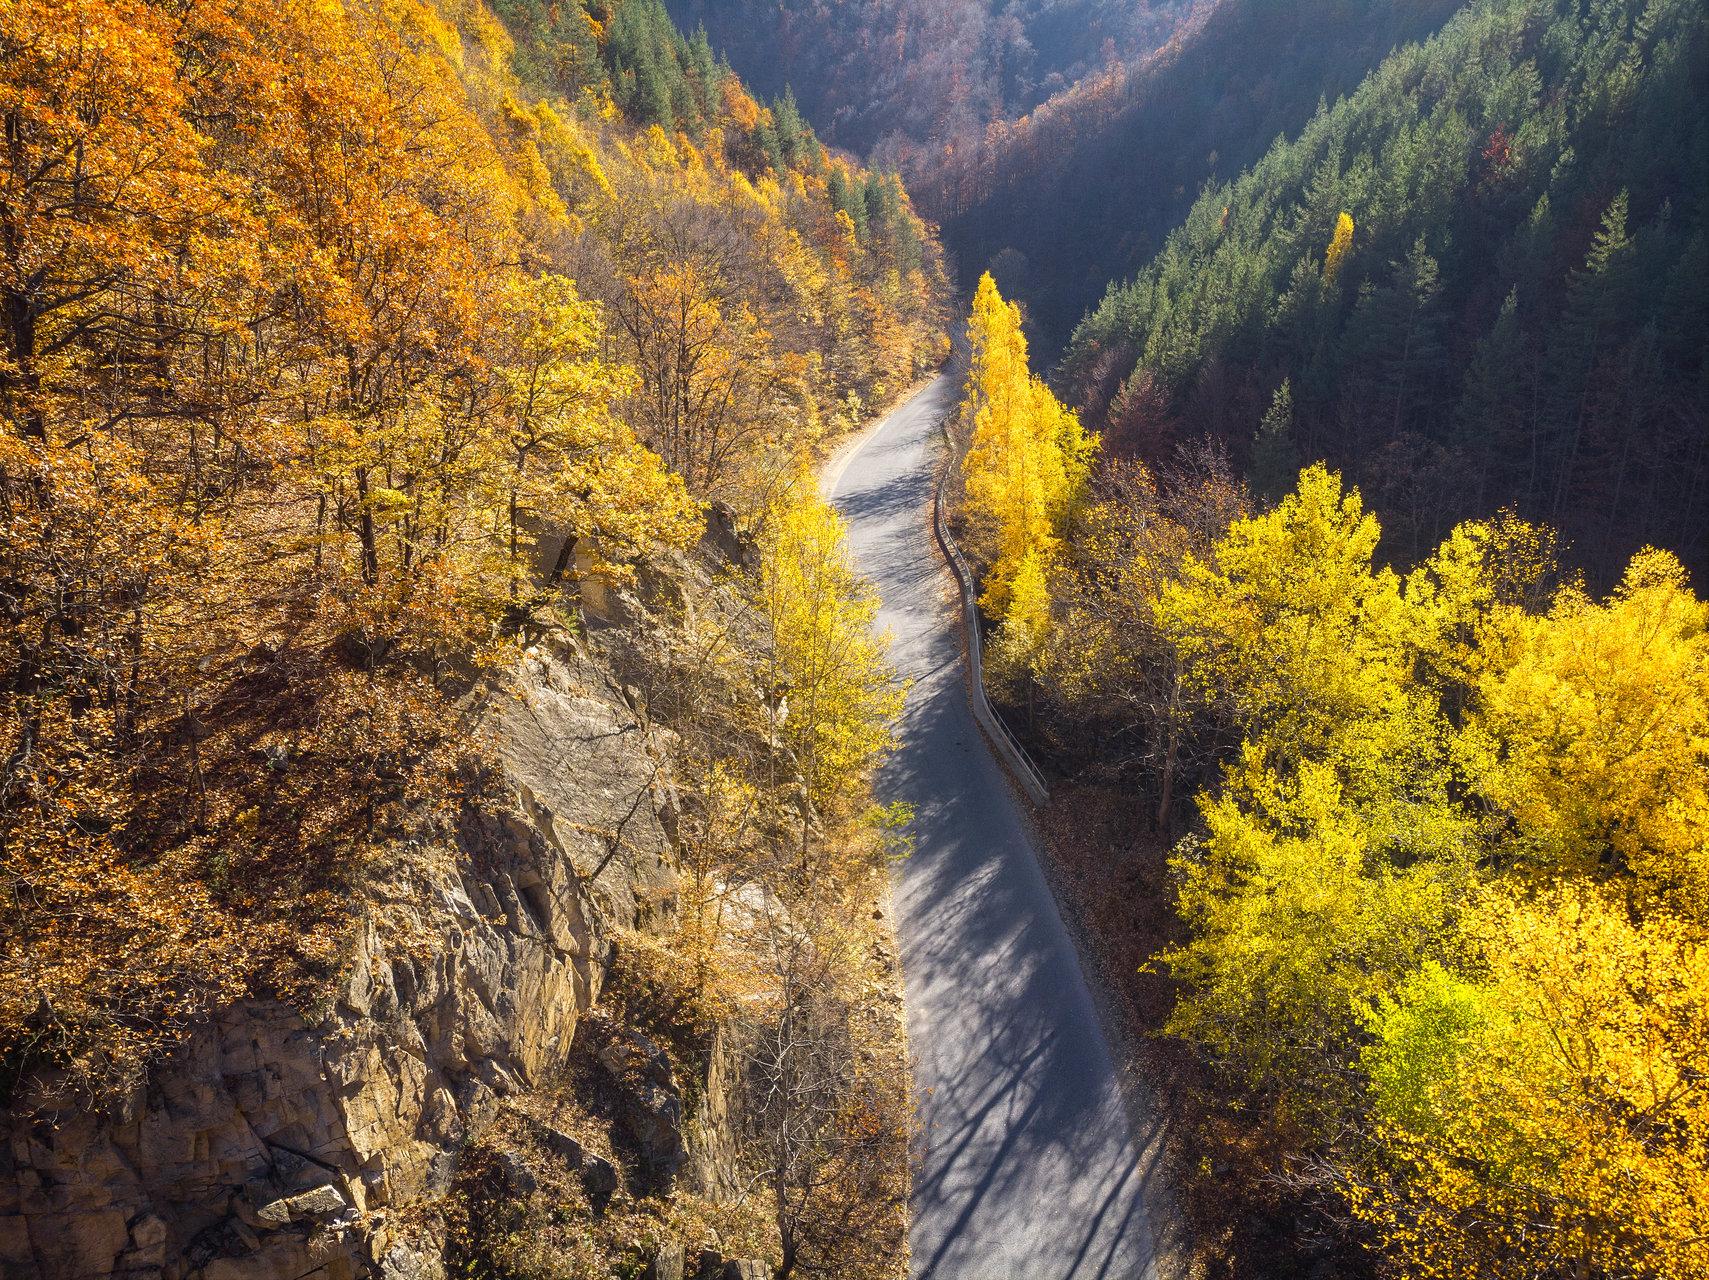 Път през есента   Author Minski   PHOTO FORUM